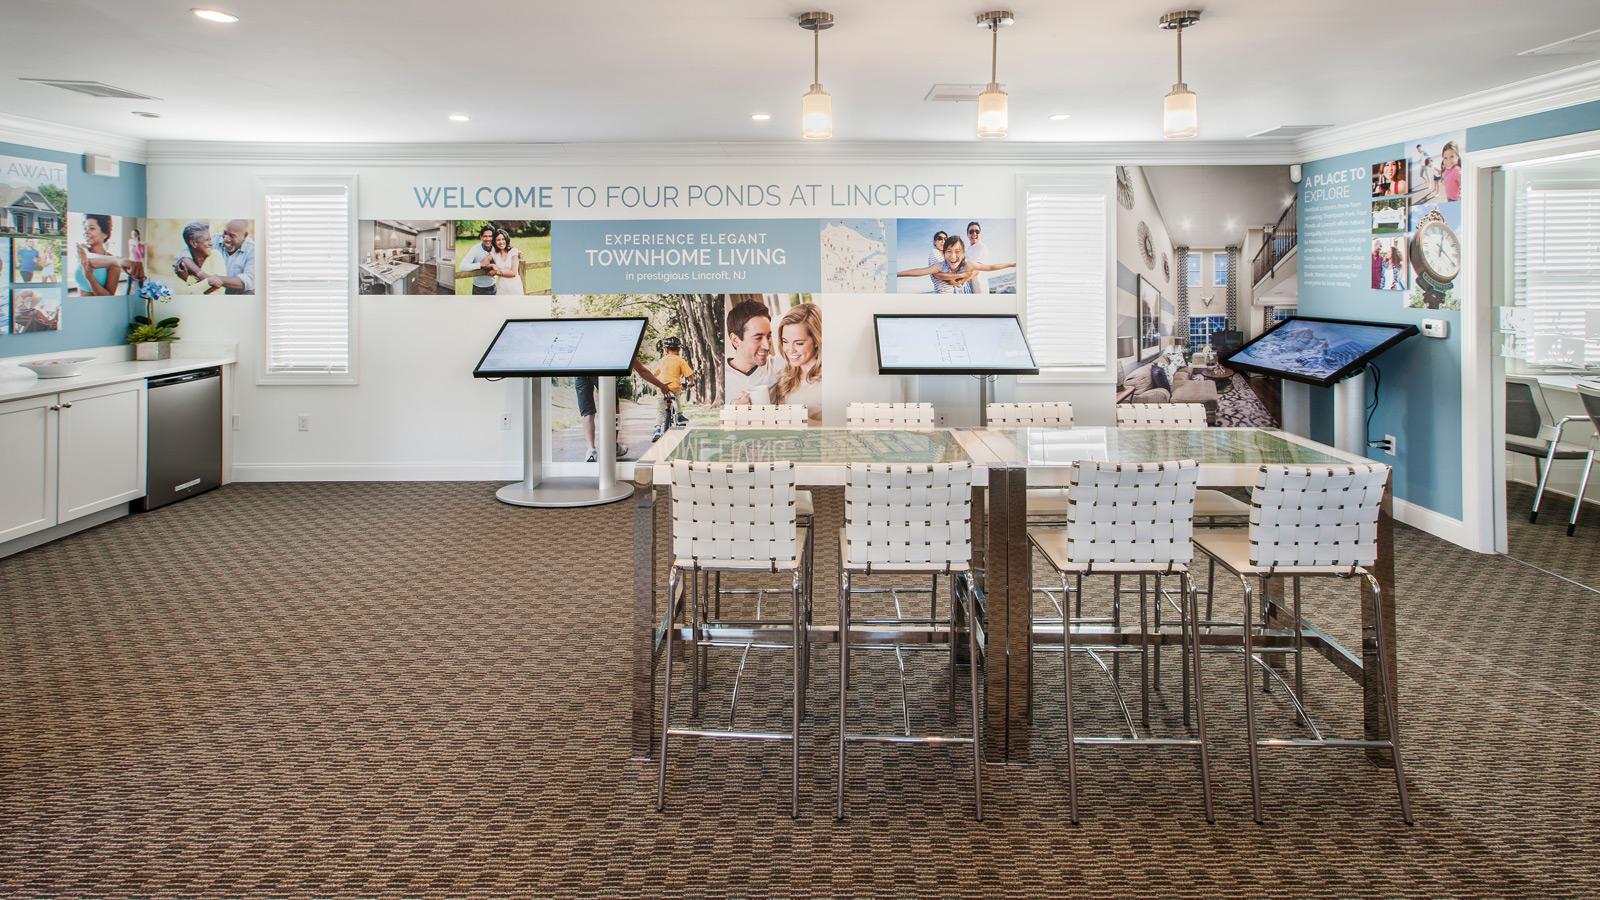 Sales Environments